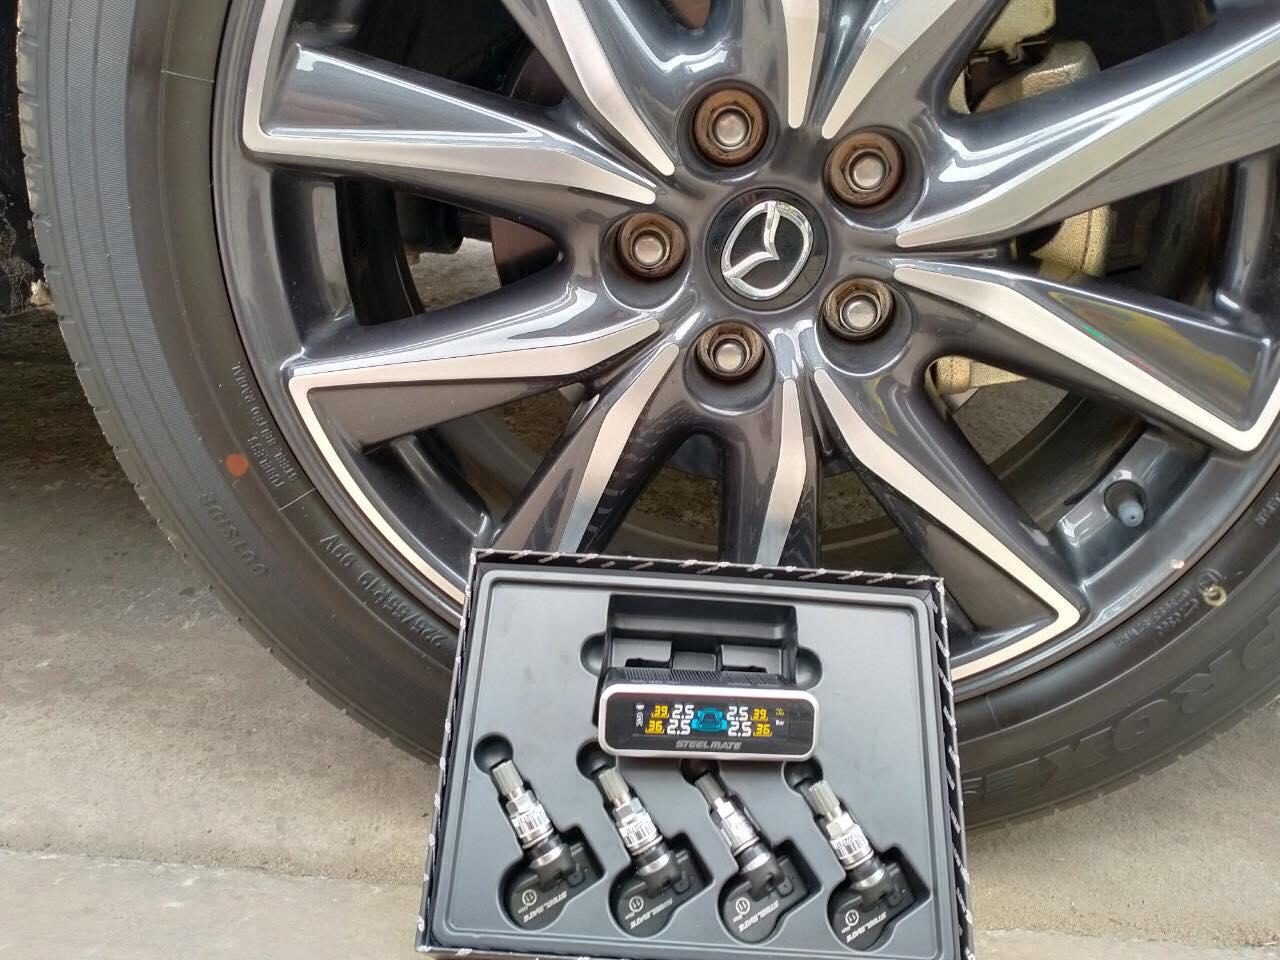 Cảm biến áp suất lốp xe Mazda CX5 2020 giá rẻ tại hcm